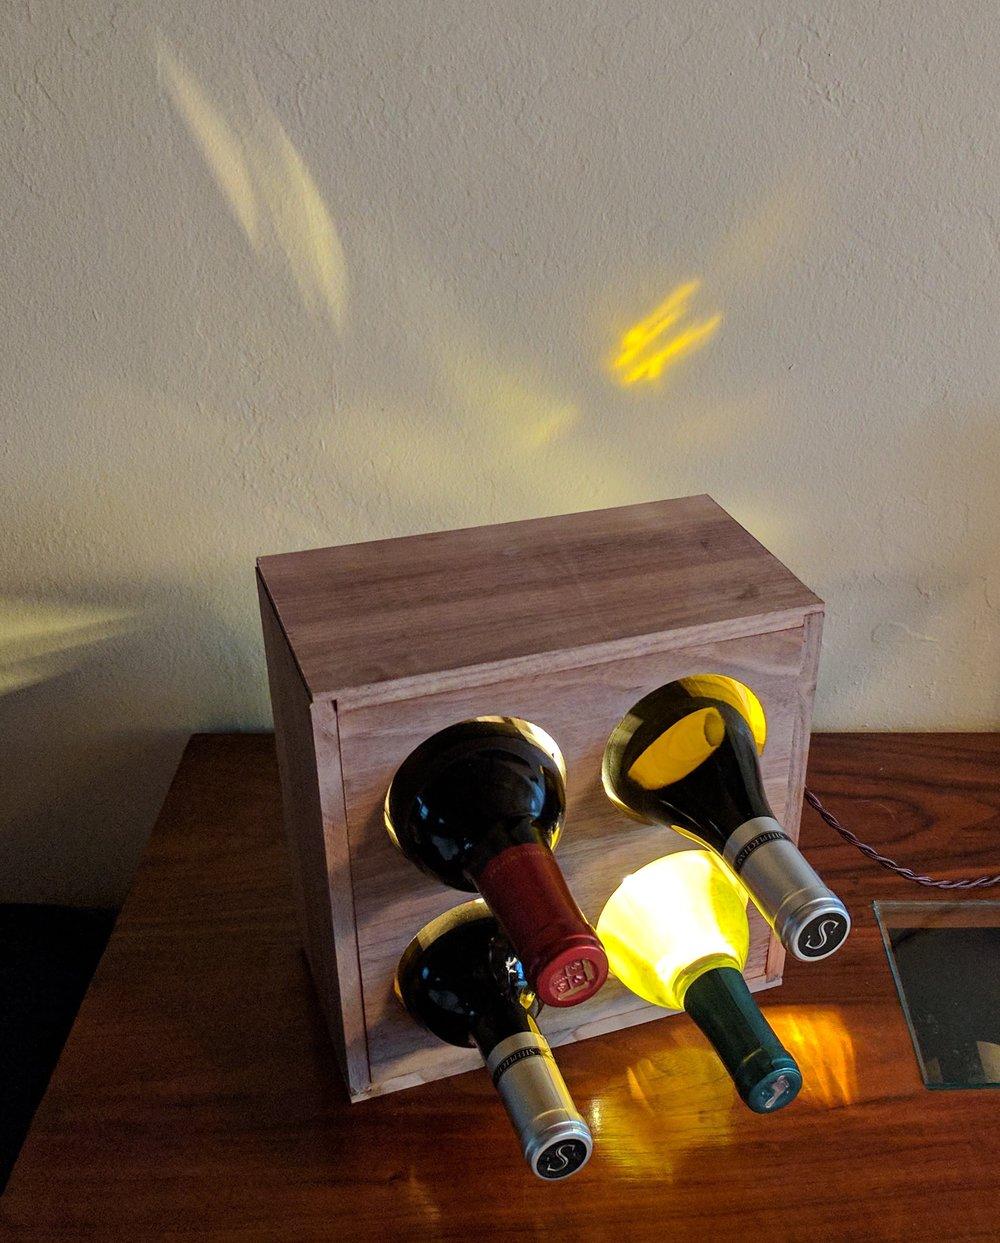 lighted-wine-bottle-rack-from-above.jpg